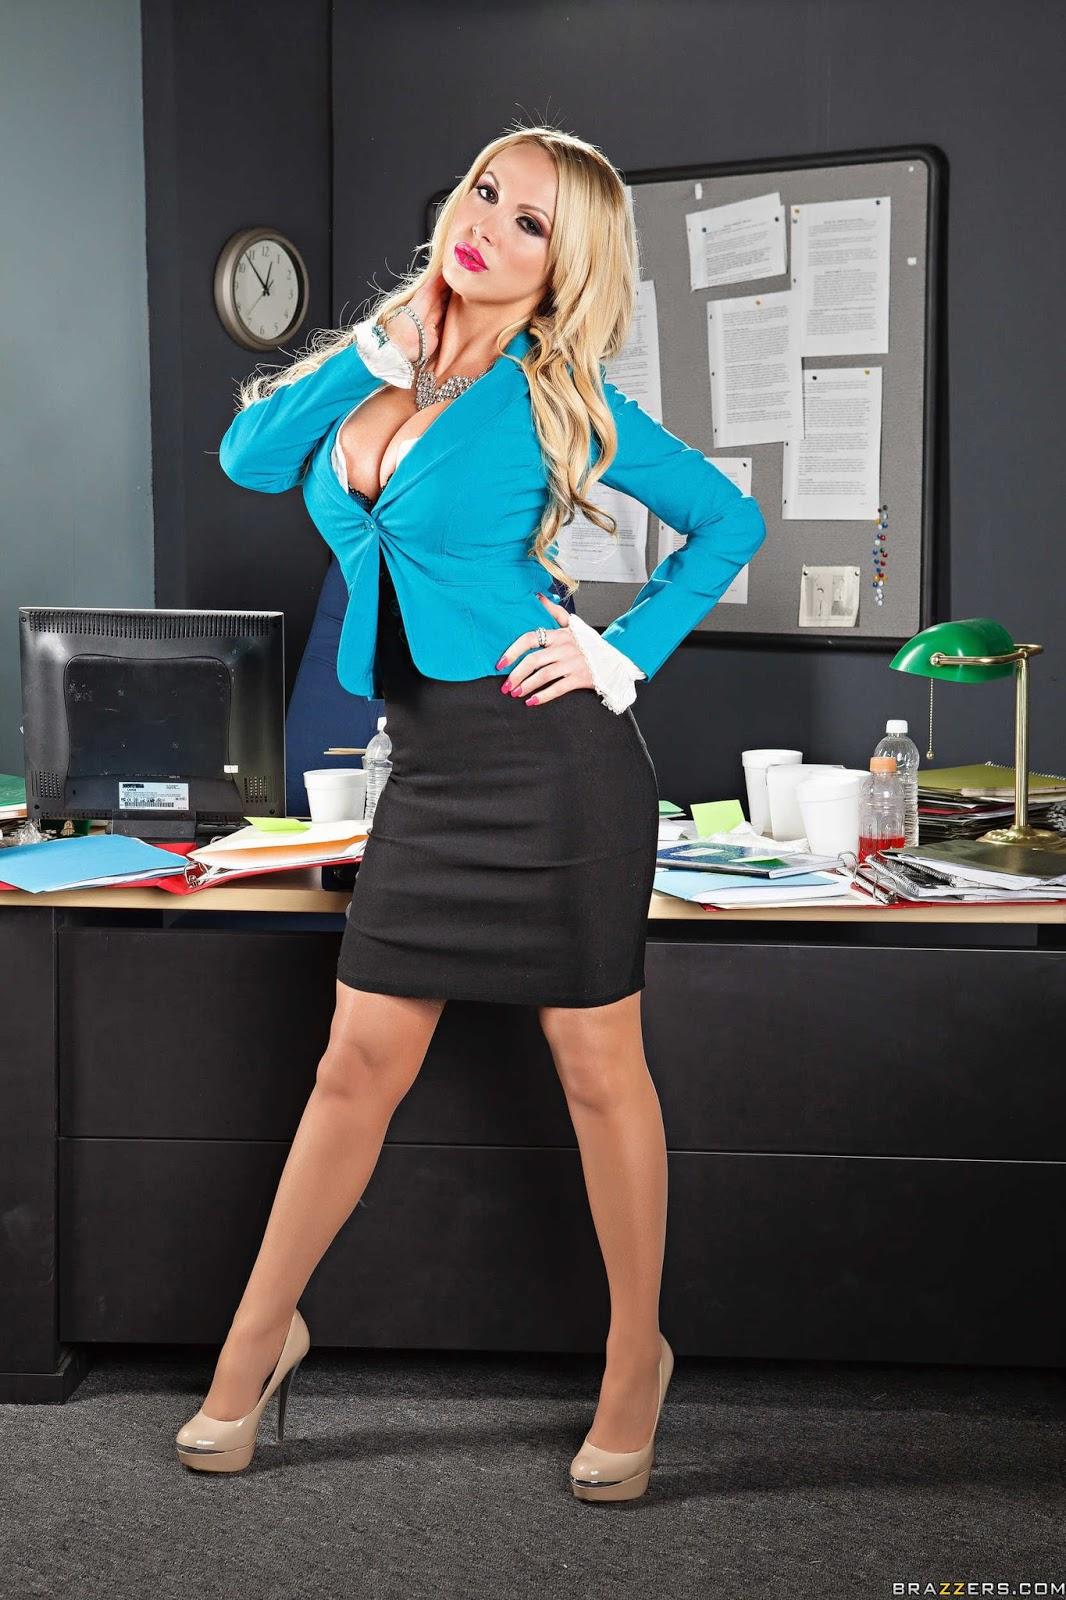 Секретарши в юбке фото 7 фотография